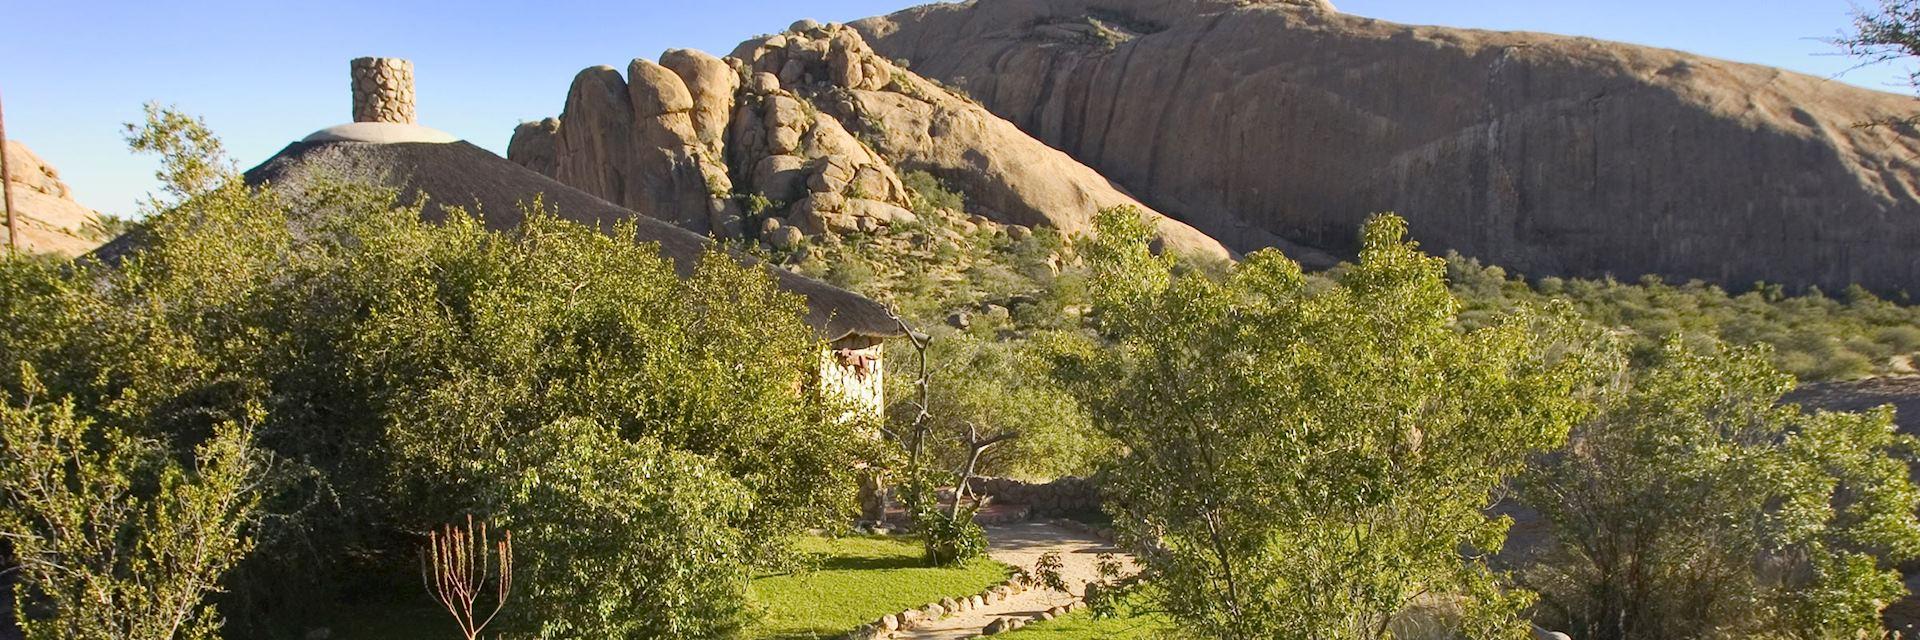 Erongo Wilderness Lodge, Erongo Mountains